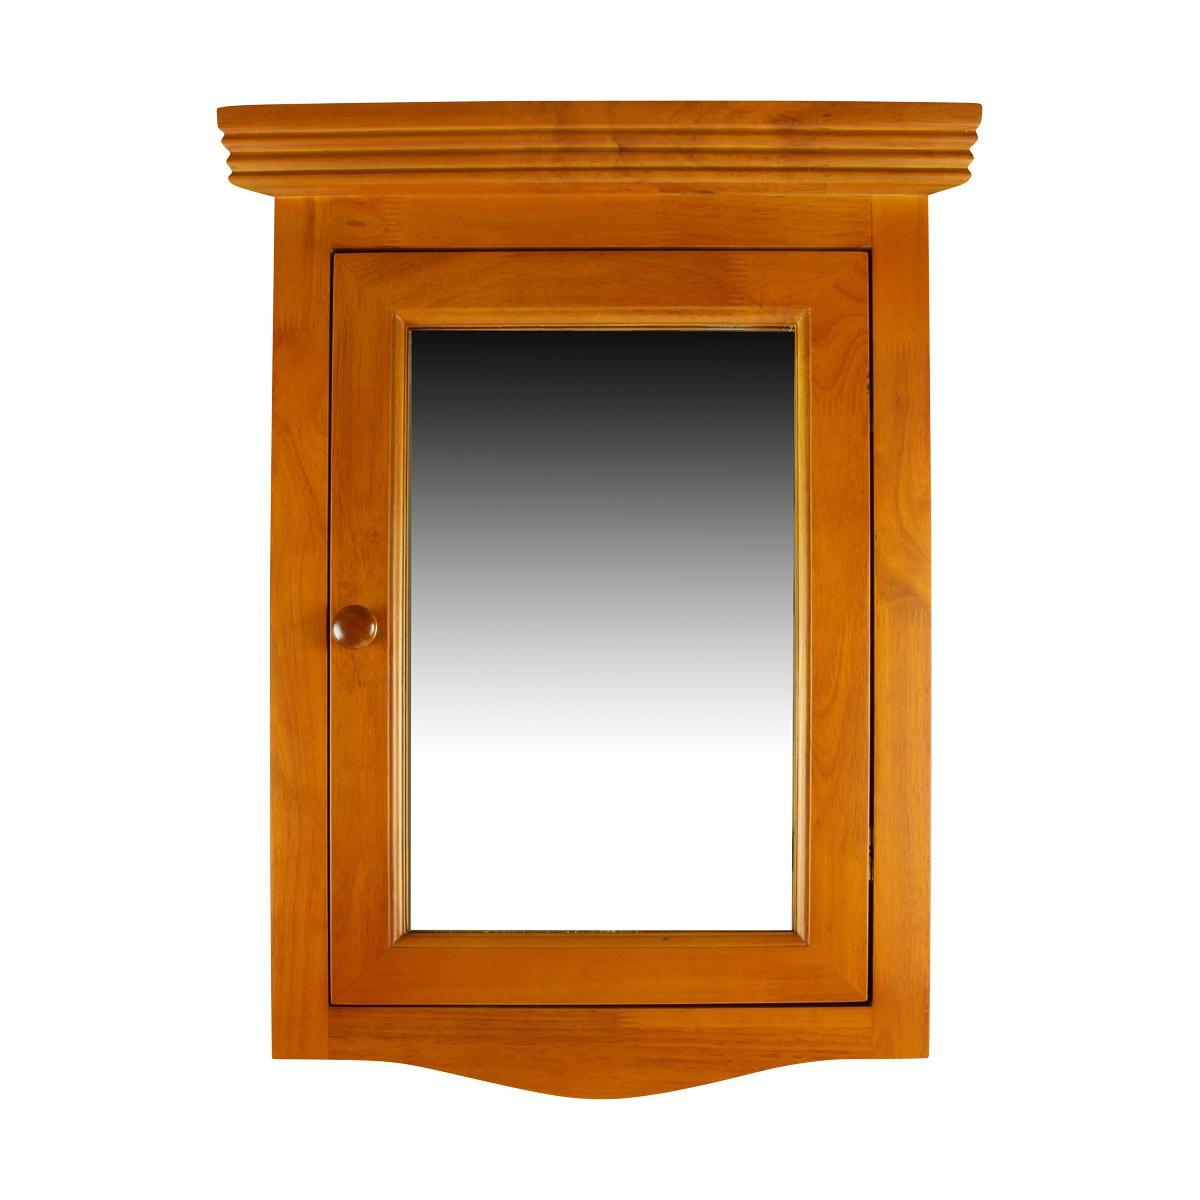 solid wood corner medicine cabinet mirror door golden oak